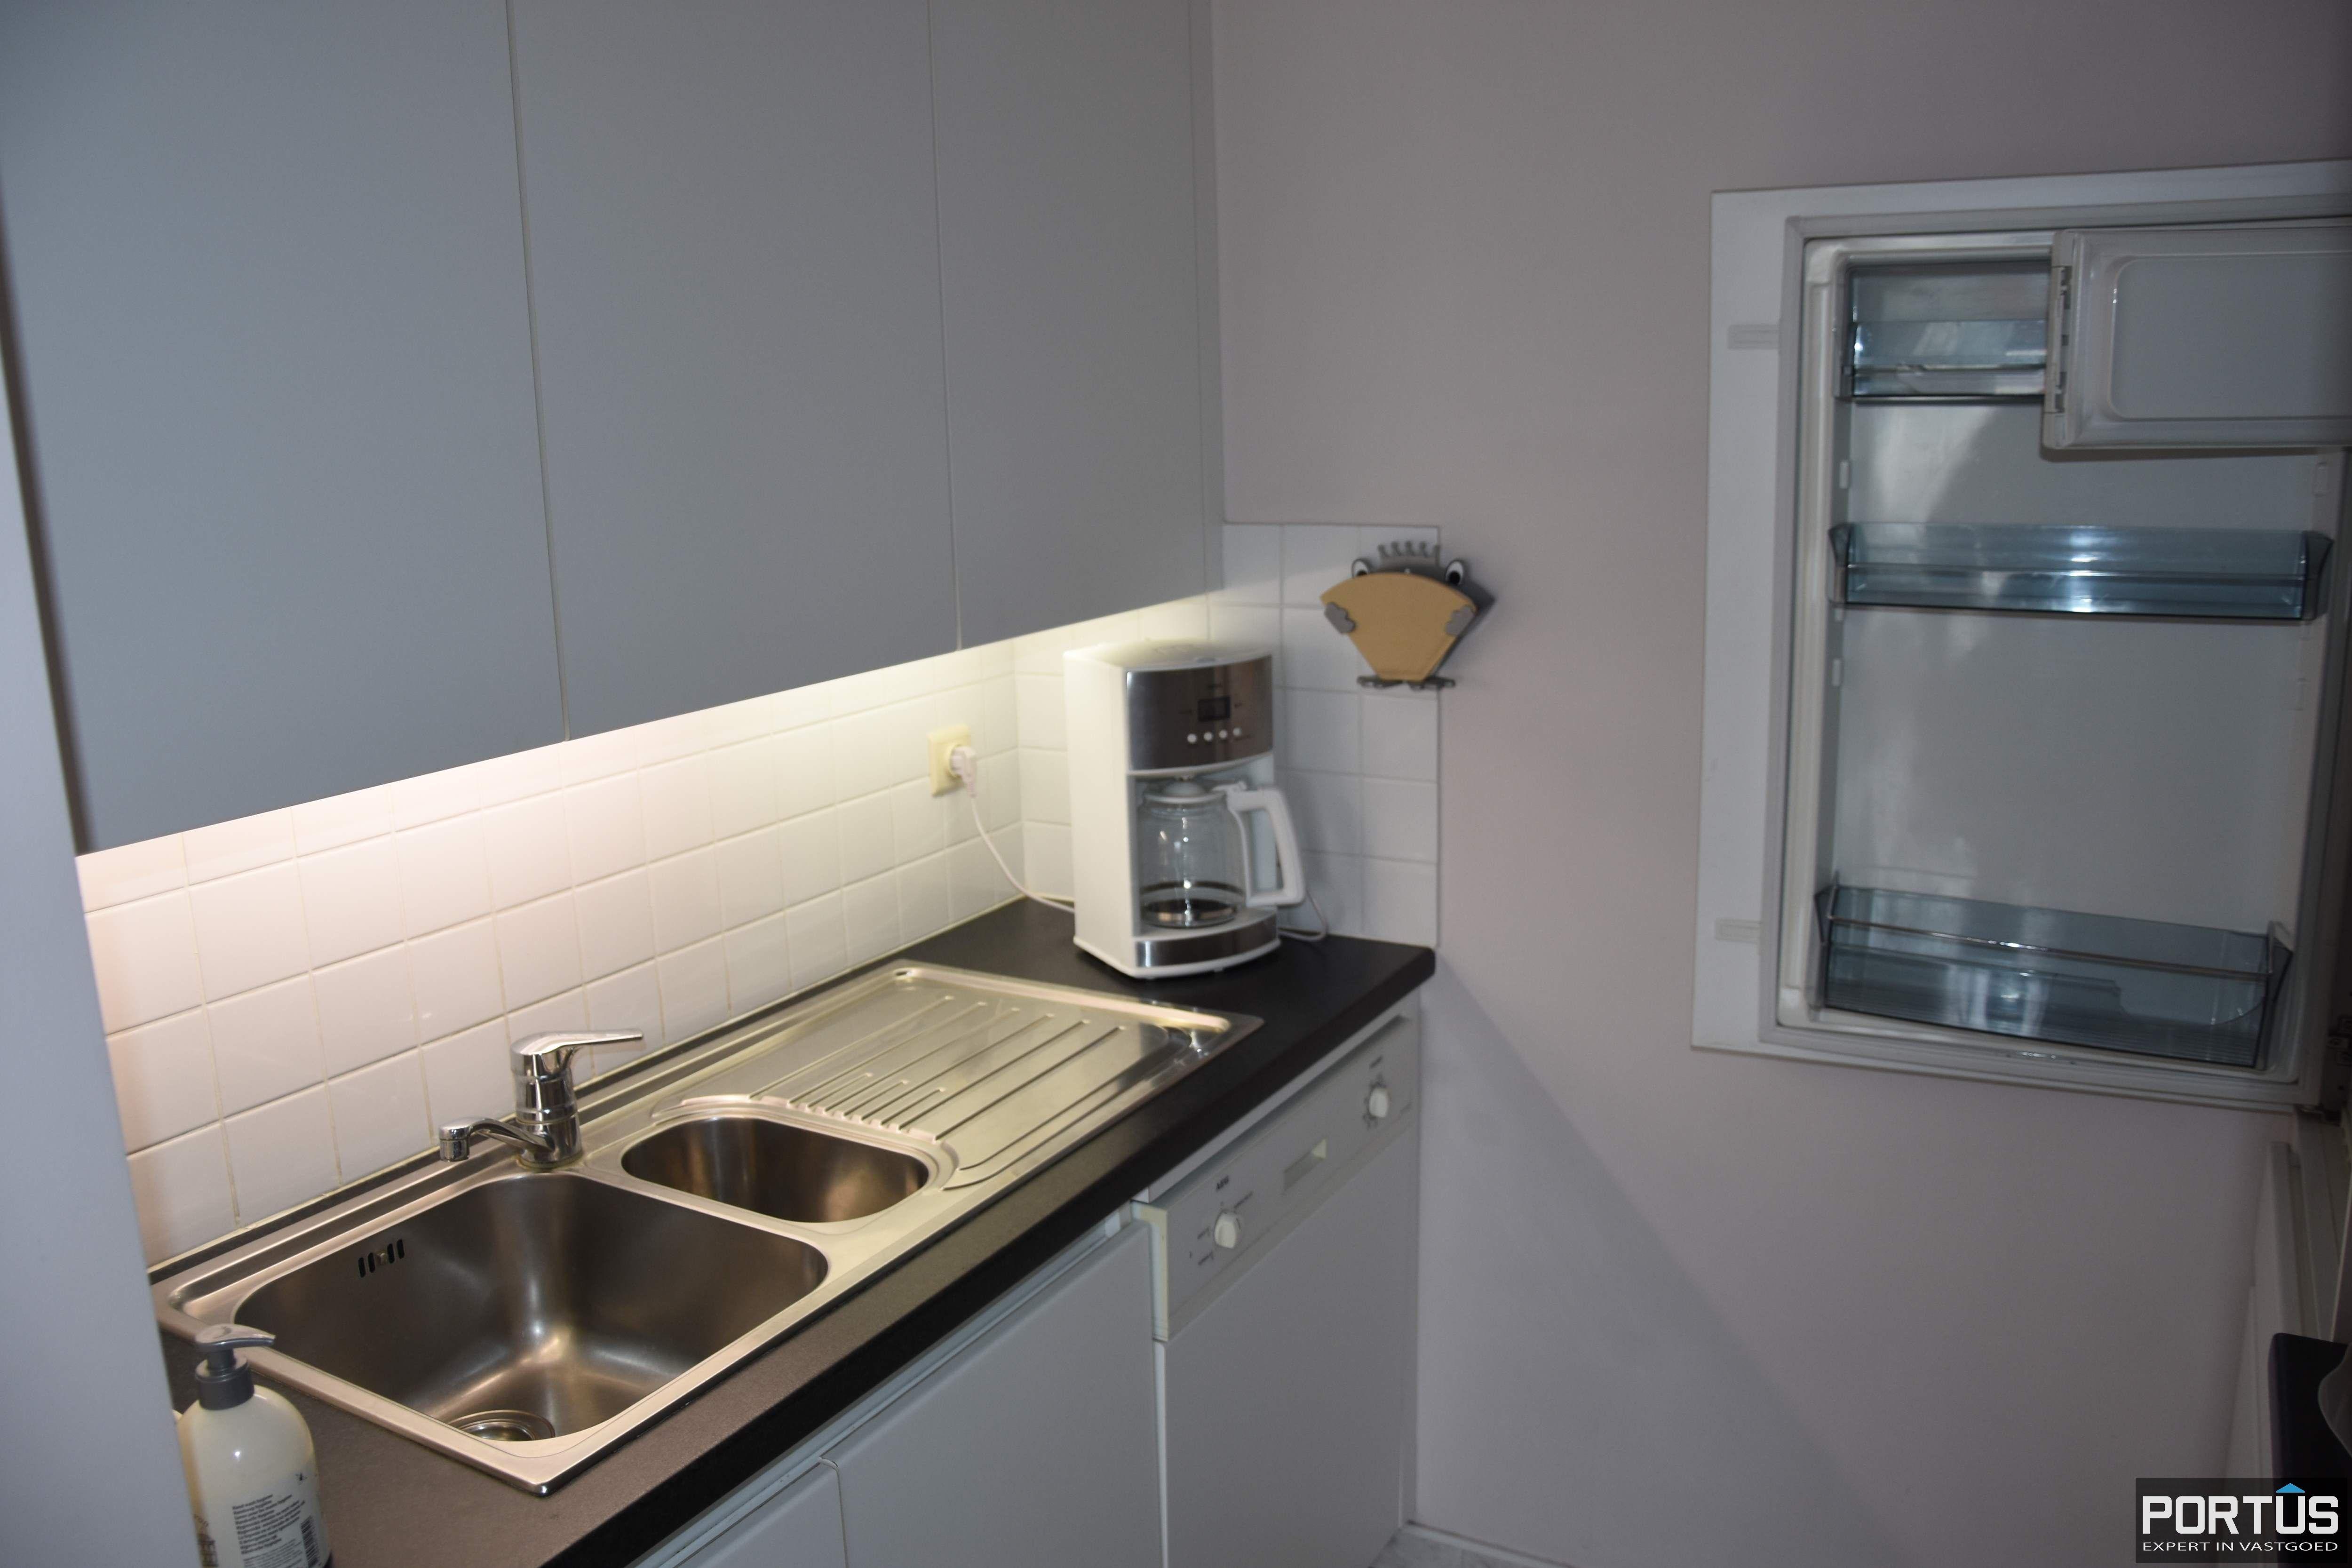 Appartement te huur met 1 slaapkamer te Nieuwpoort - 11653